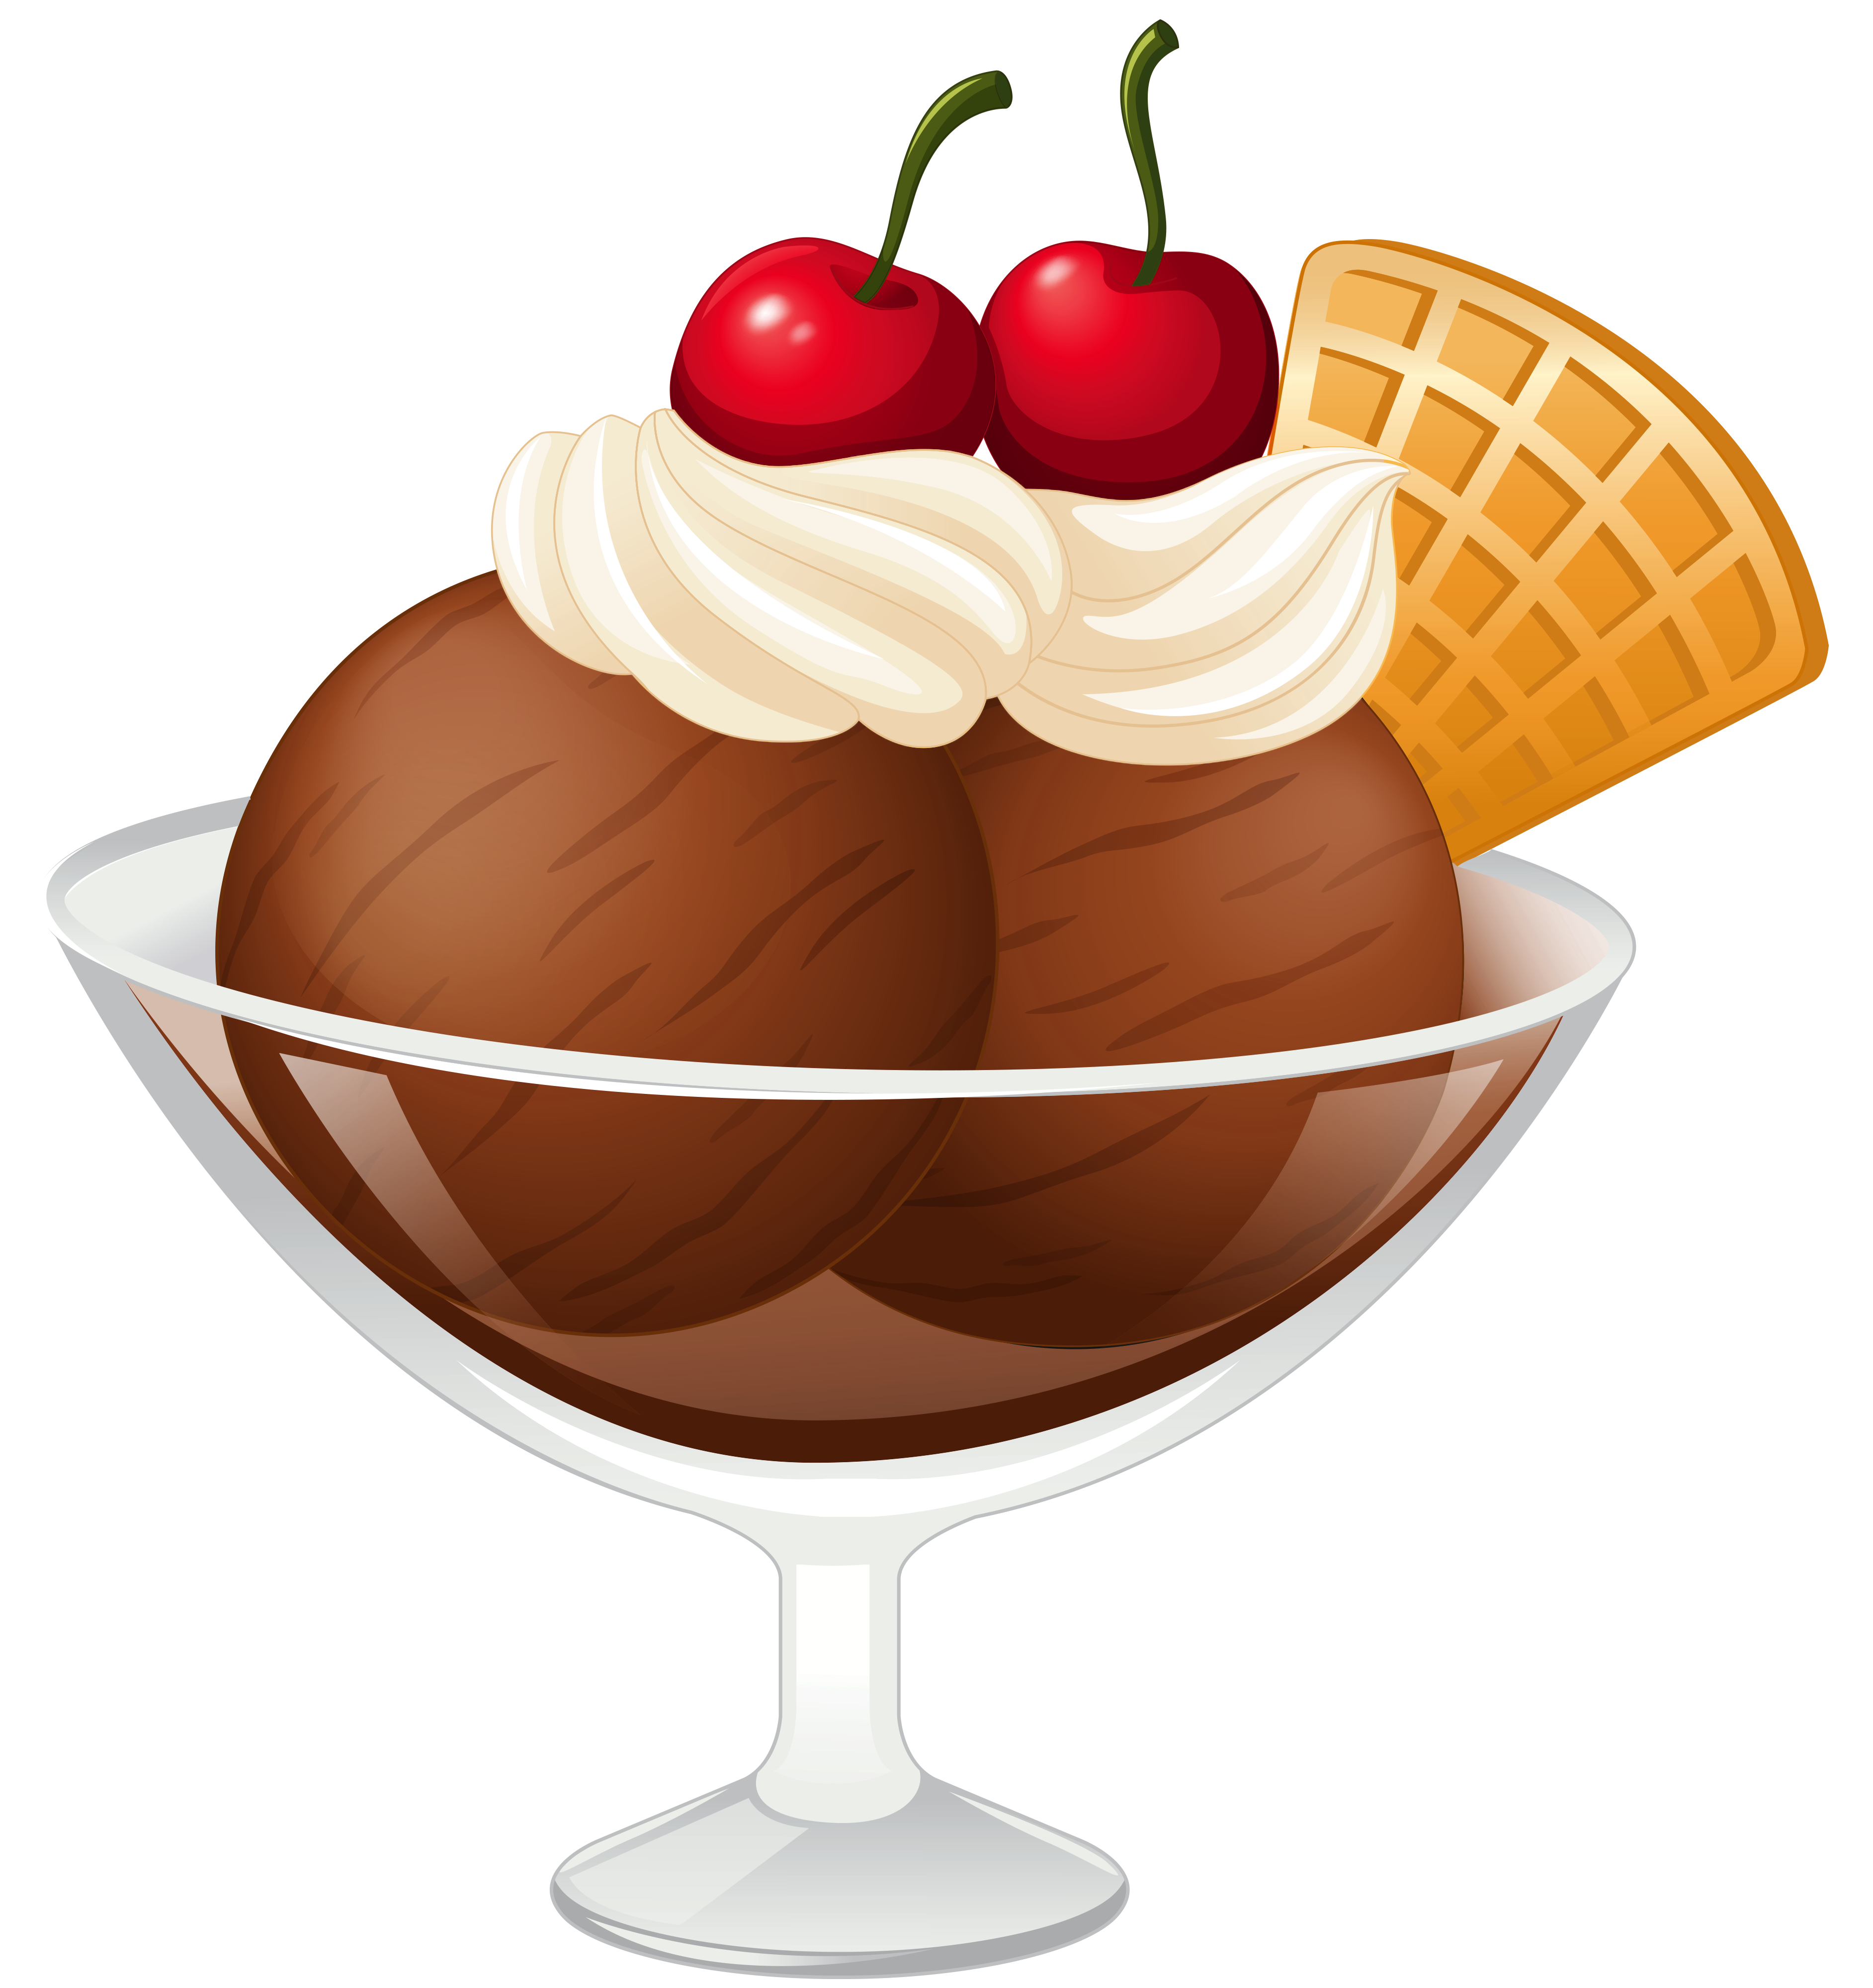 Ice clipart transparent background. Chocolate cream sundae picture